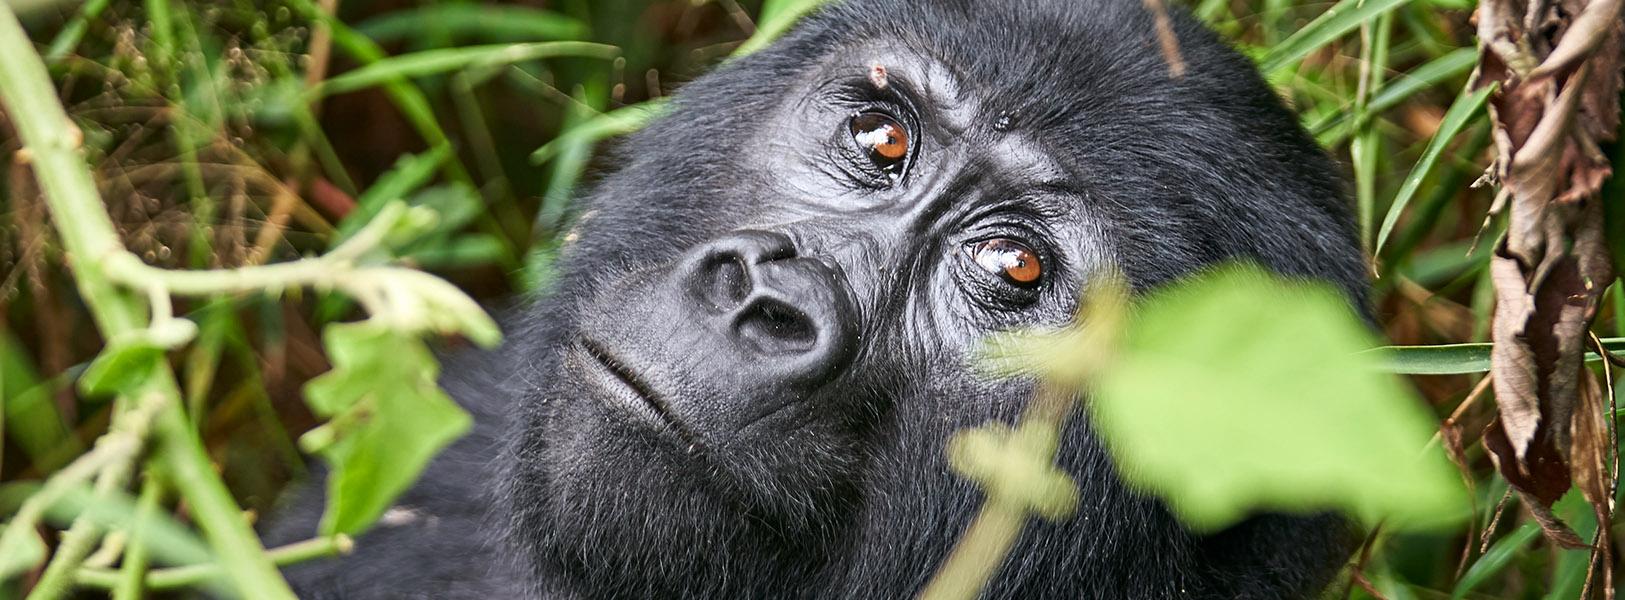 Uganda safaris, Wildlife safaris in Uganda